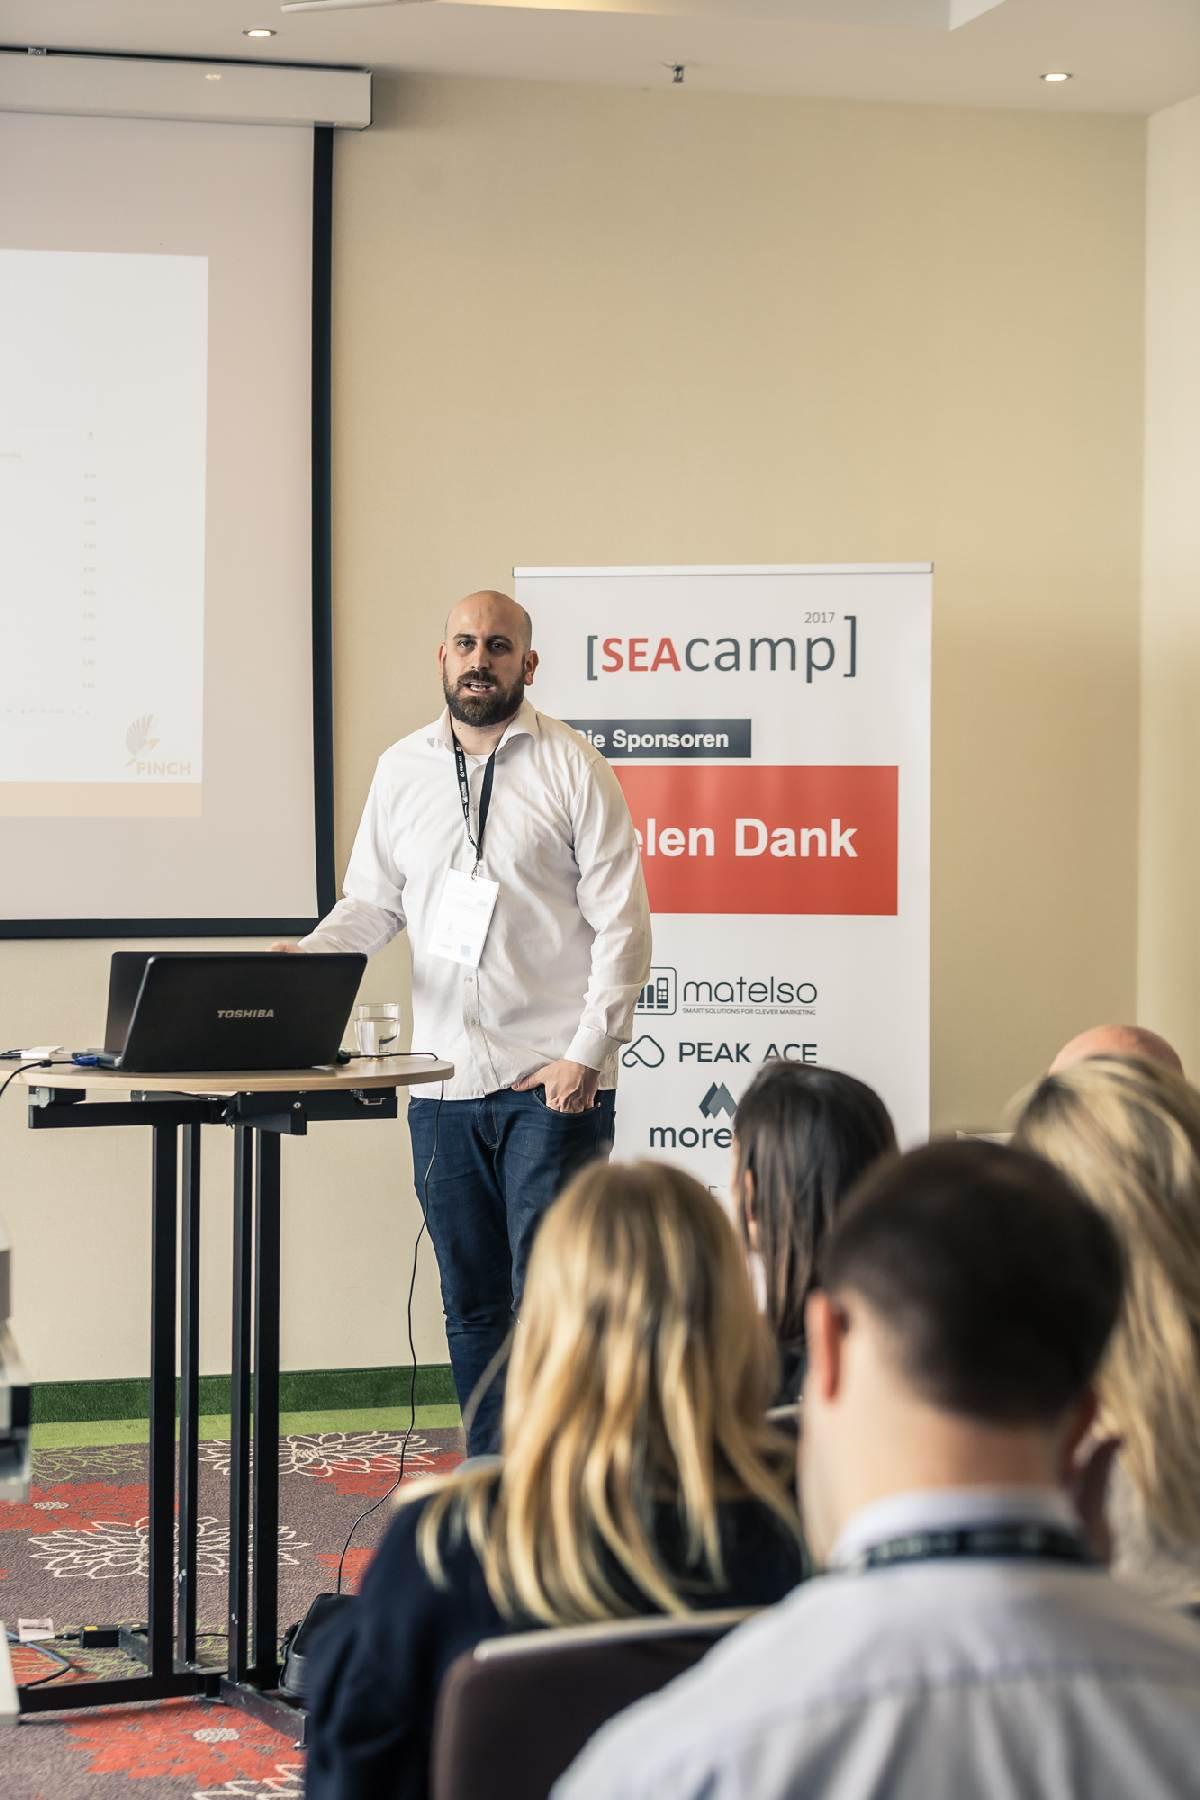 hannover_2017_SEAcamp-656